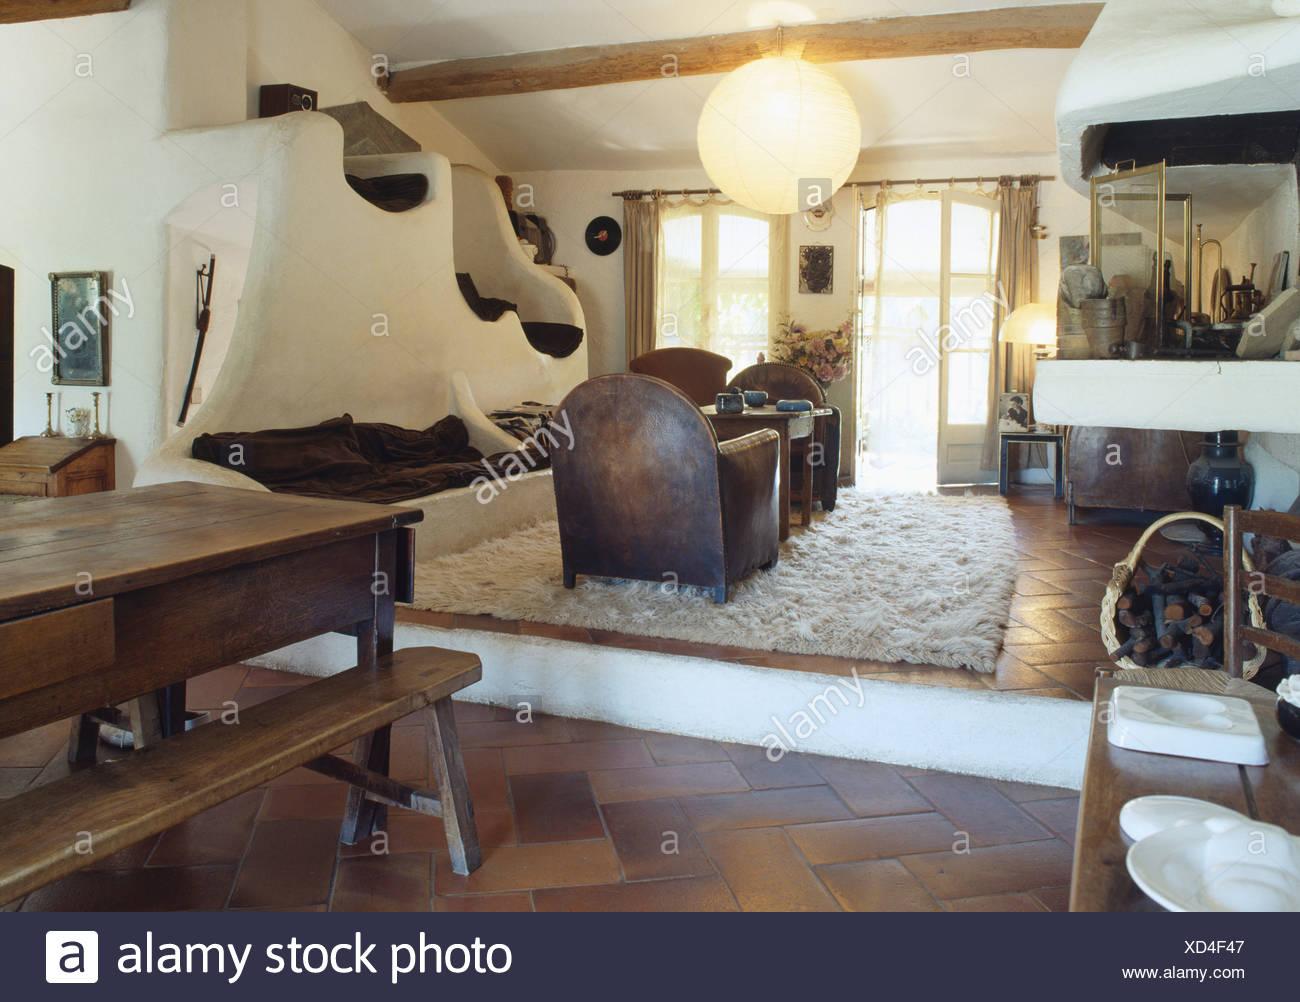 Große Papier Lampenschirm In Split Level Land Wohn  Und Esszimmer Mit  Holztisch Und Bänken Und Gebogene Schrankwand